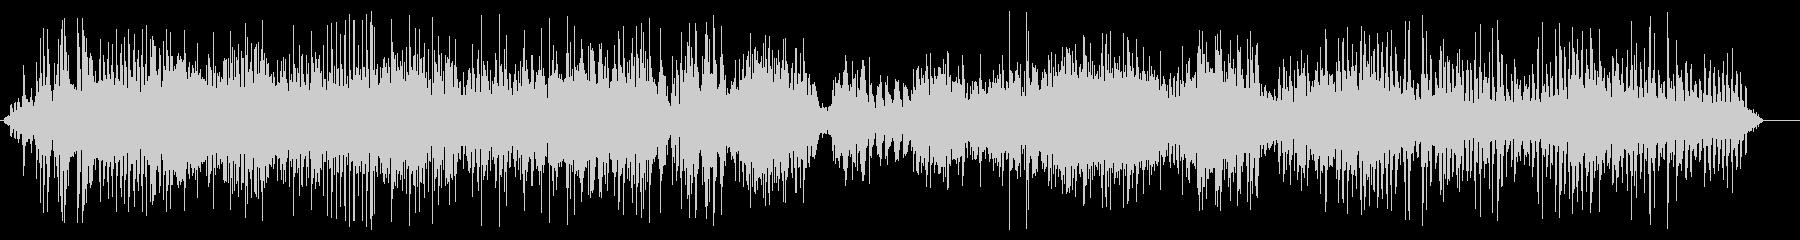 ジリジリジリ(放電現象)の未再生の波形